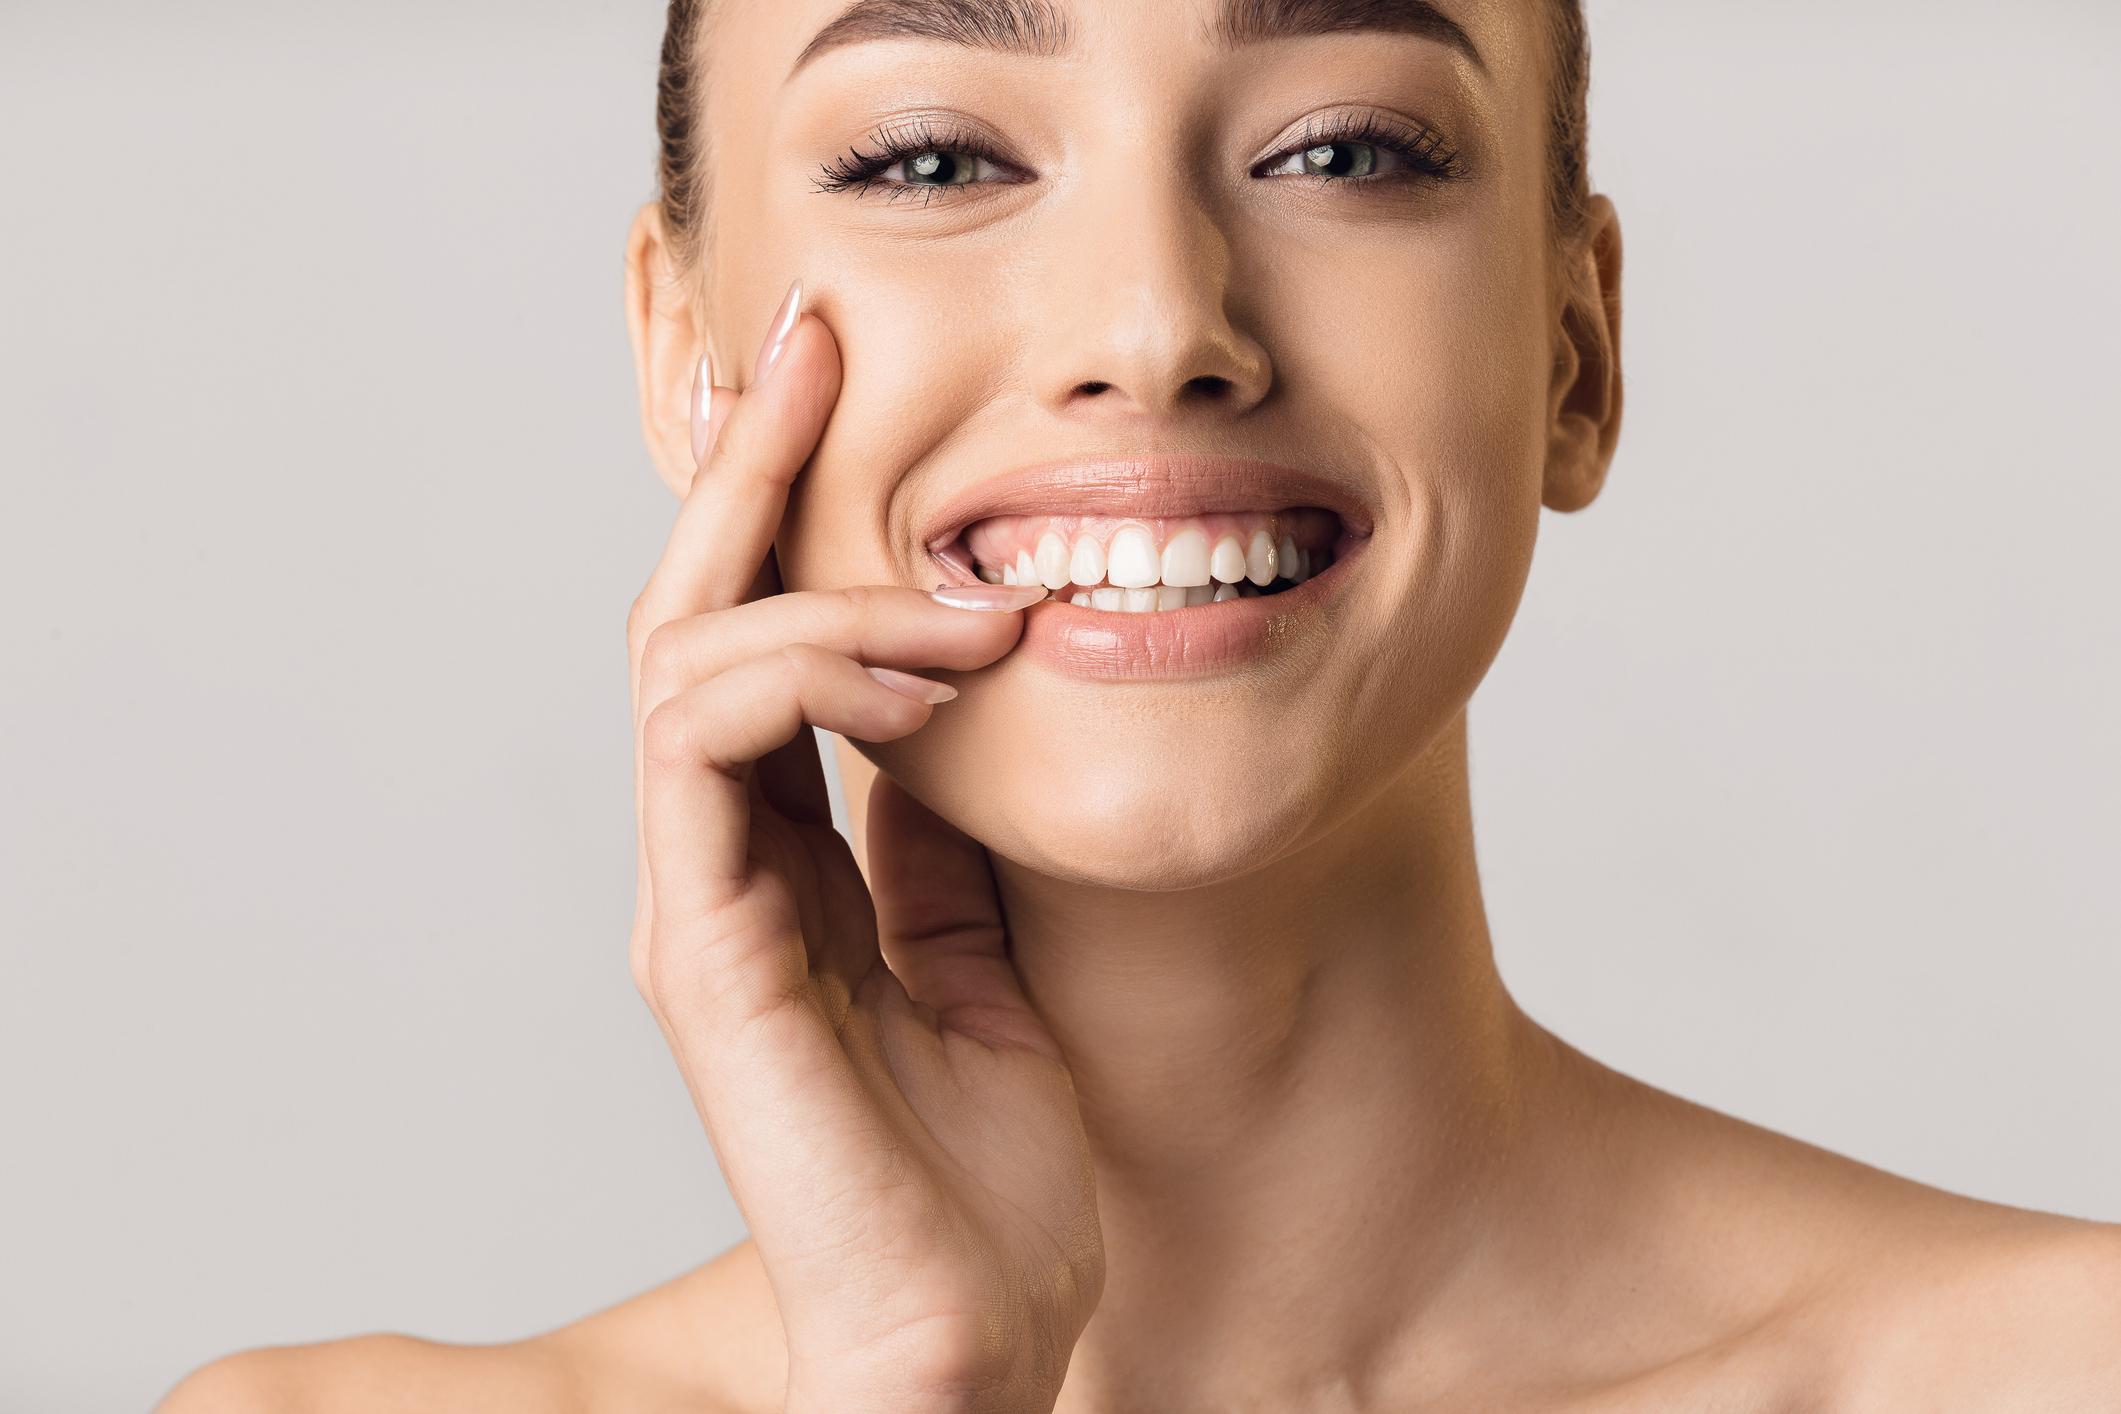 ¿Cómo afectan las enfermedades de las encías a la estética de la sonrisa?